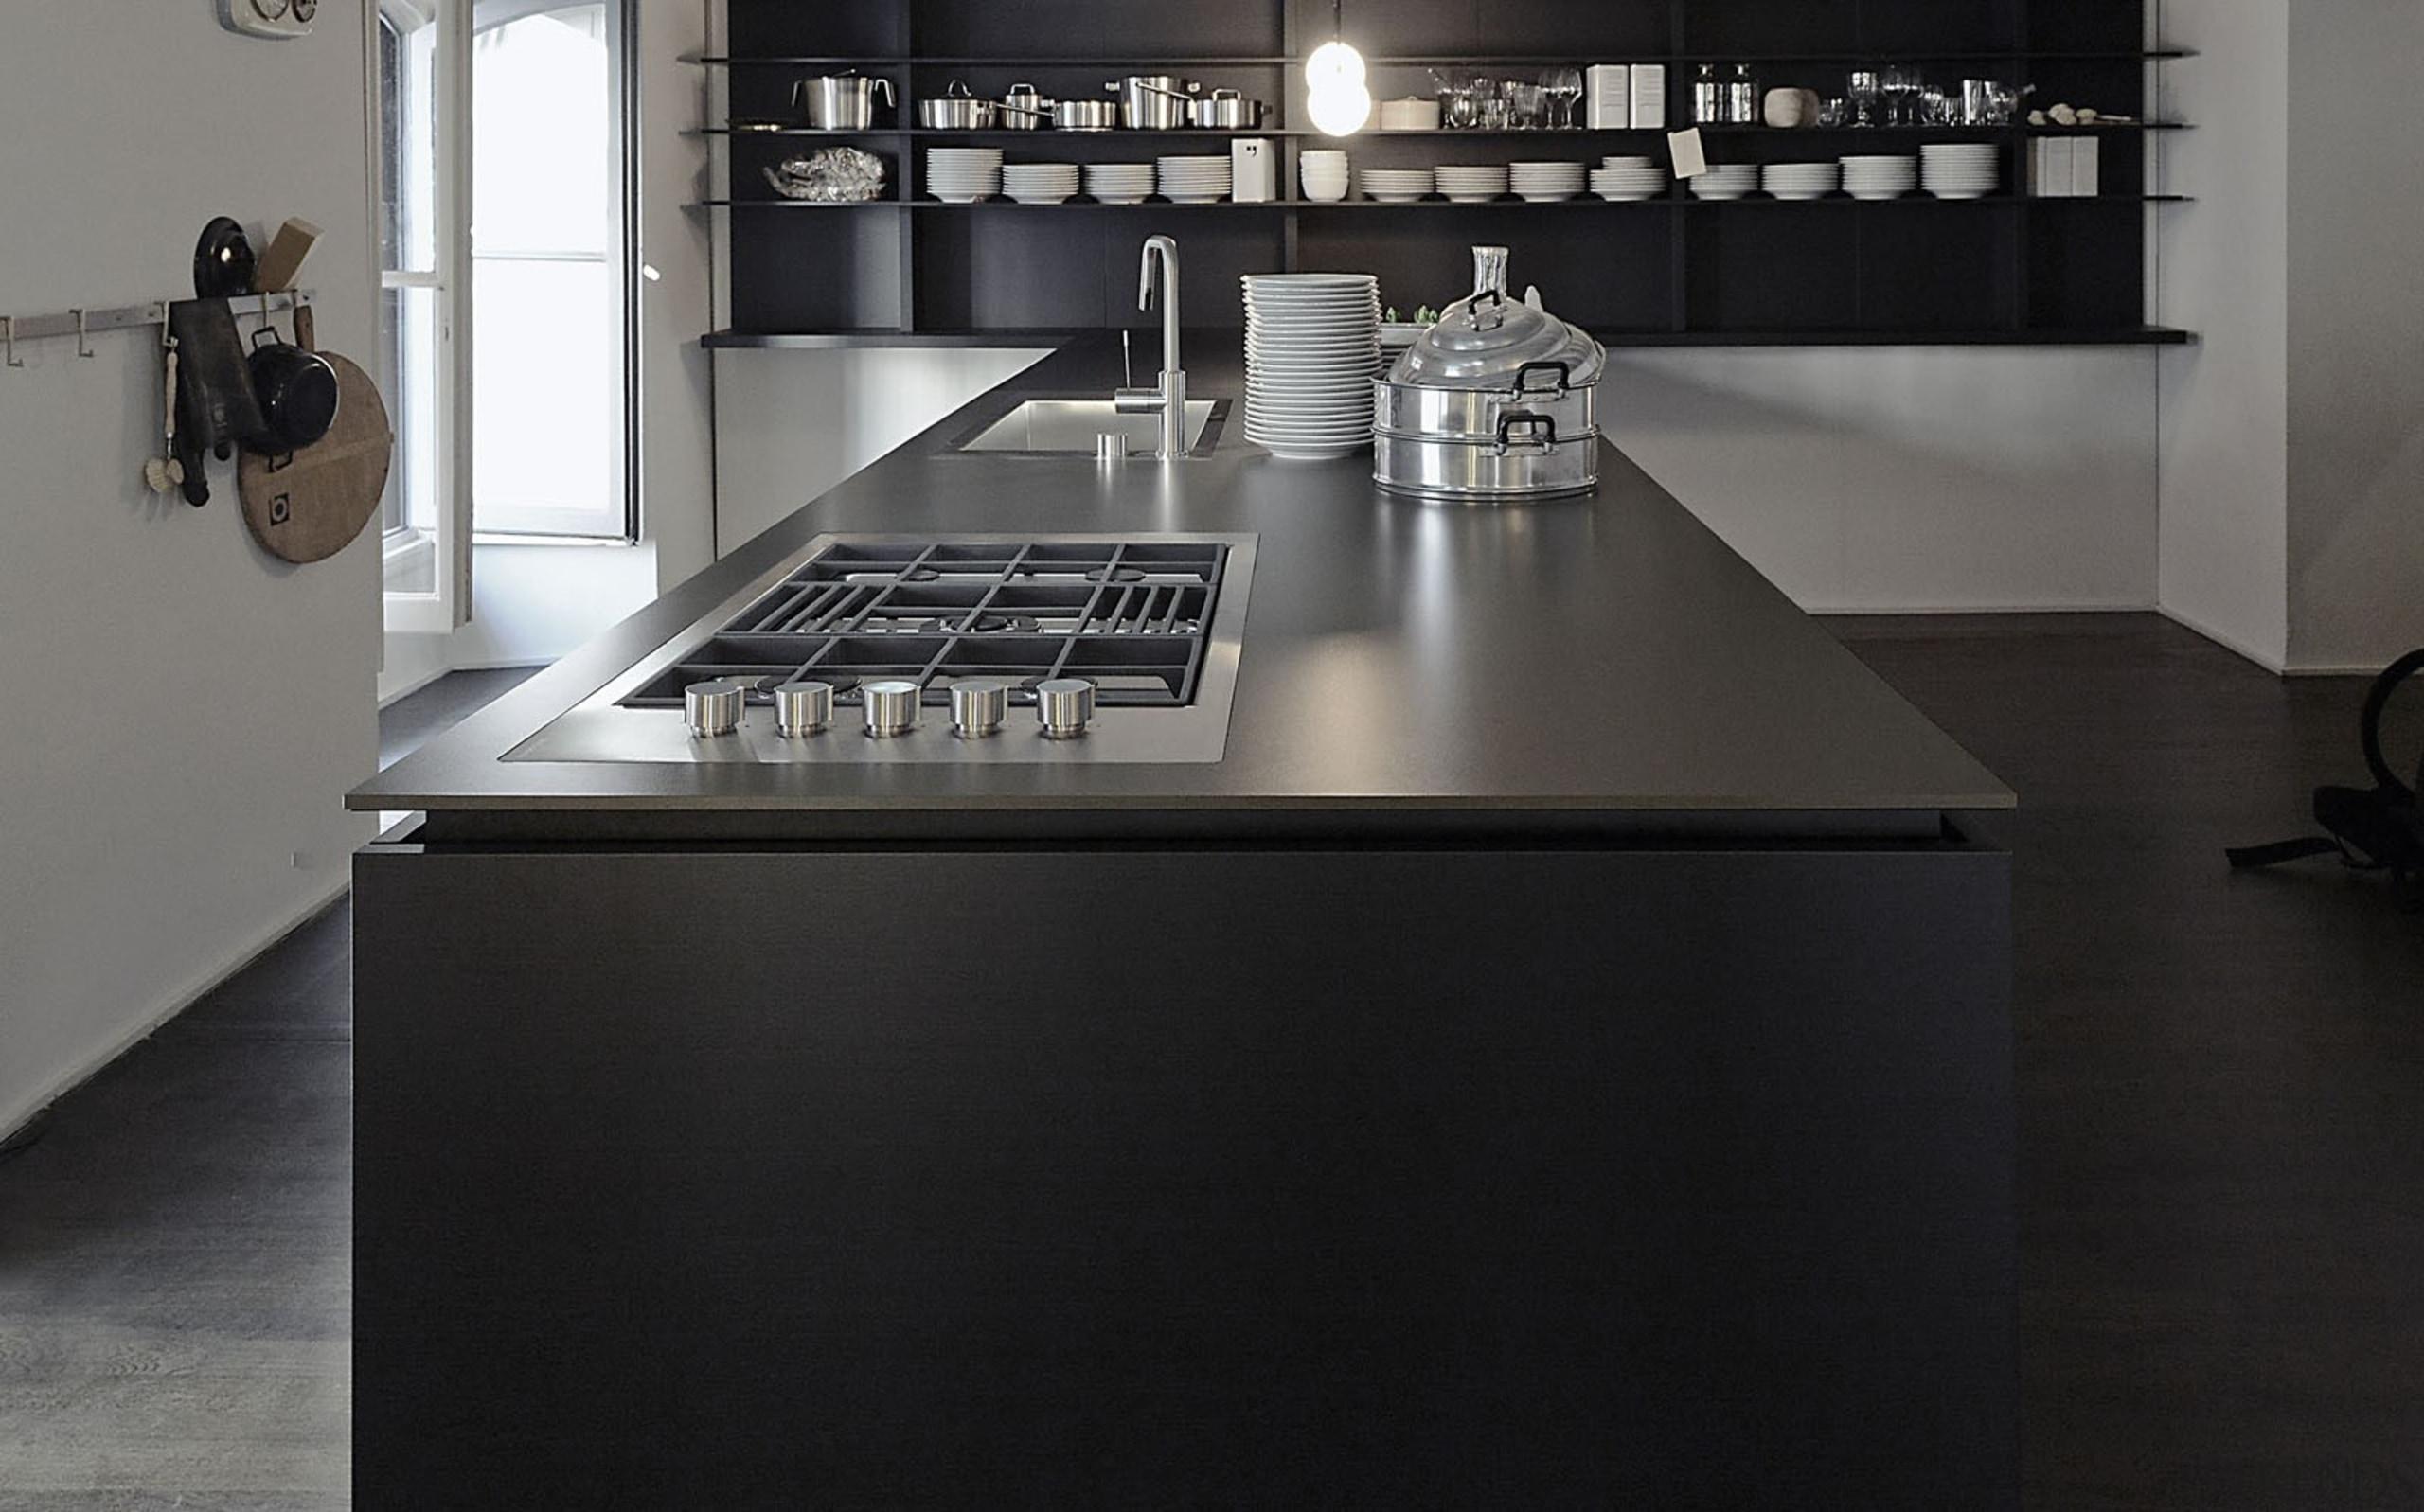 DOMOOS Encimera 3 - DOMOOS Encimera 3 - countertop, floor, flooring, furniture, kitchen, product design, black, gray